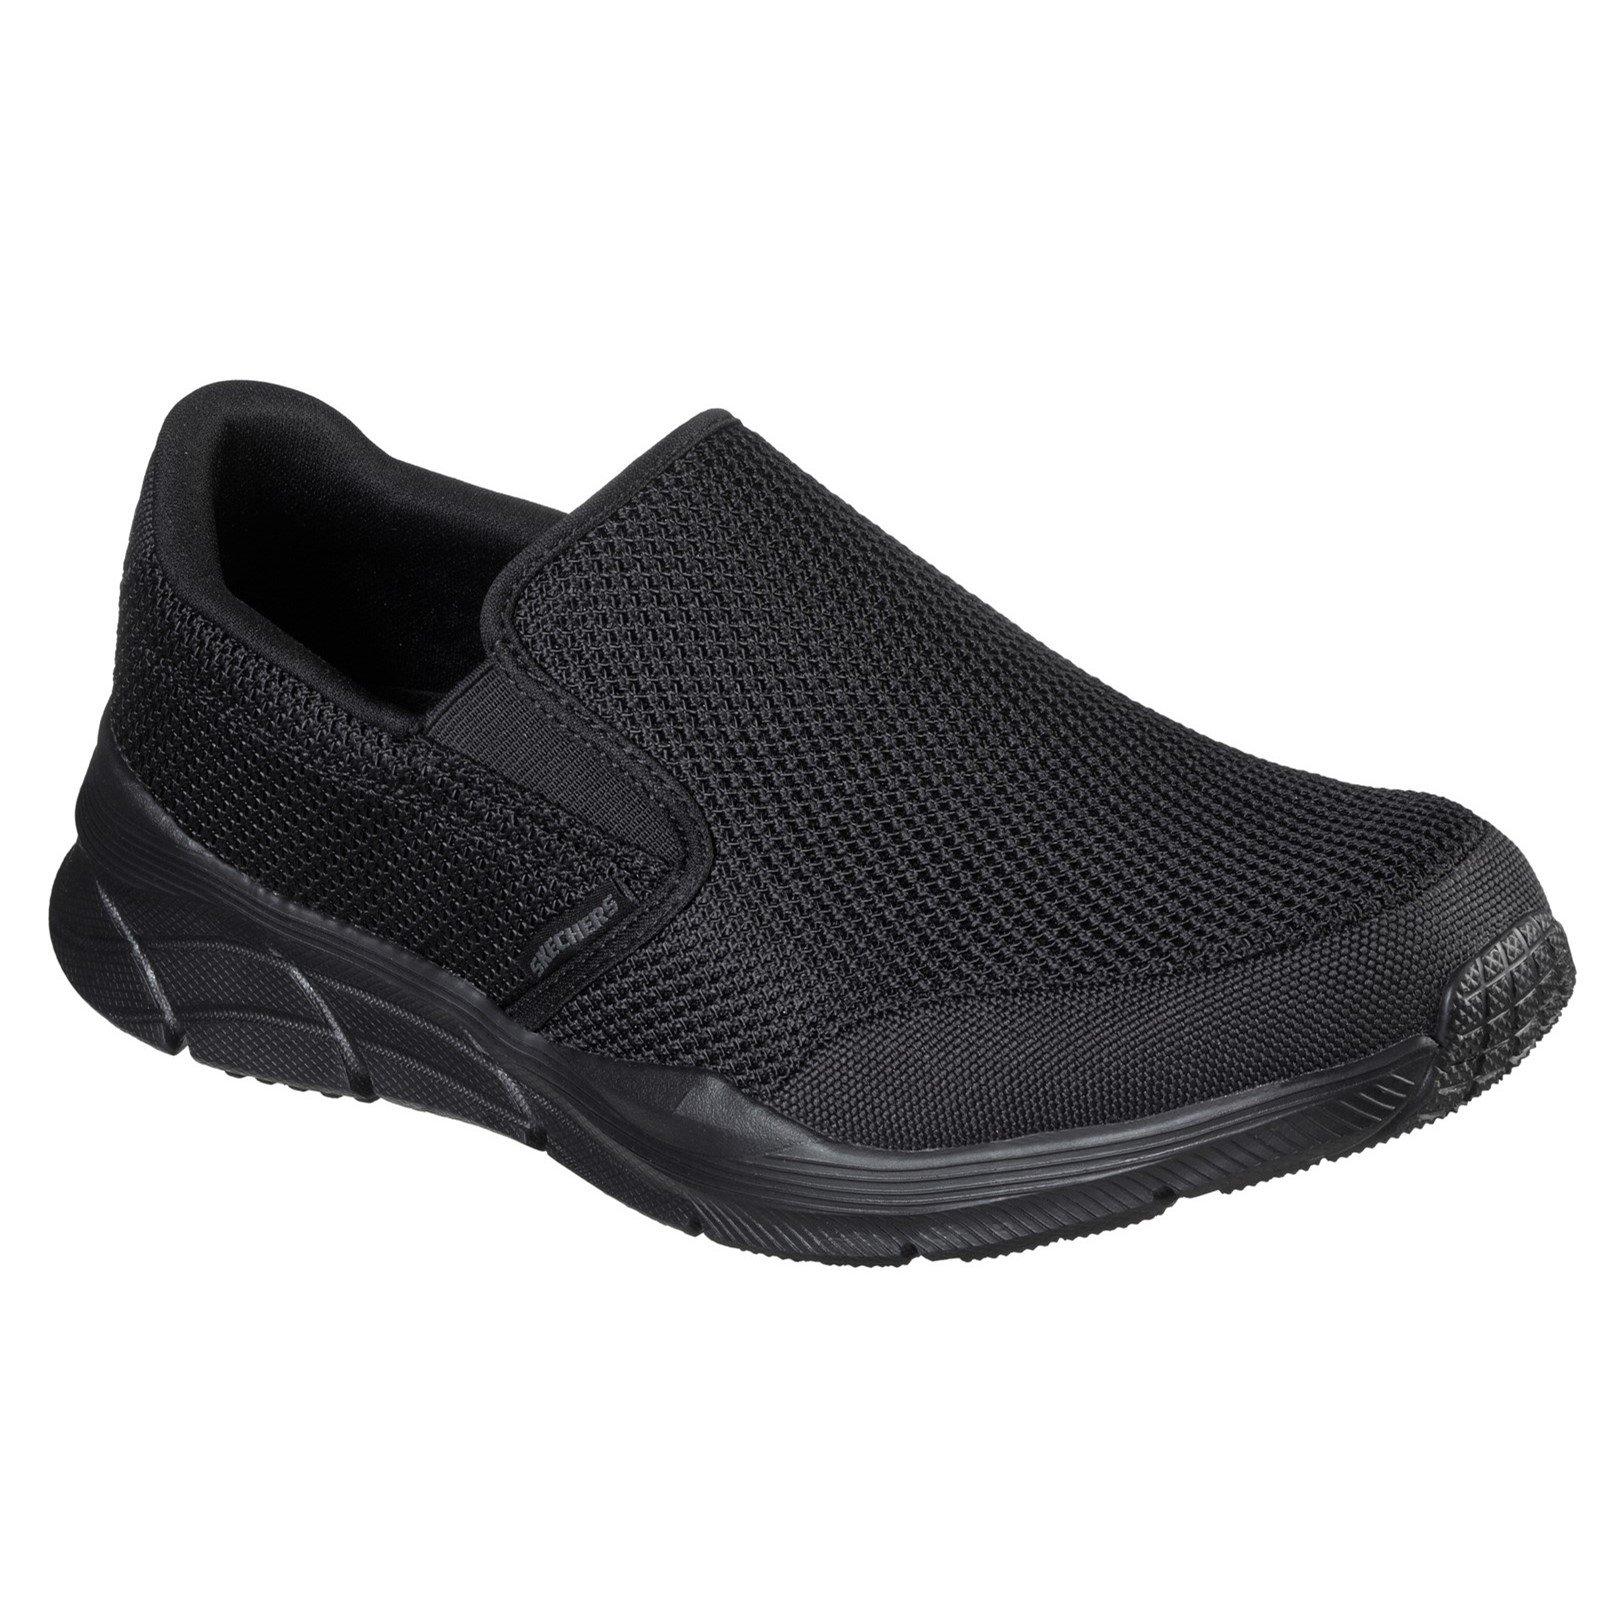 Skechers Men's Equalizer 4.0 Krimlin Wide Trainer Black 33073 - Black 9